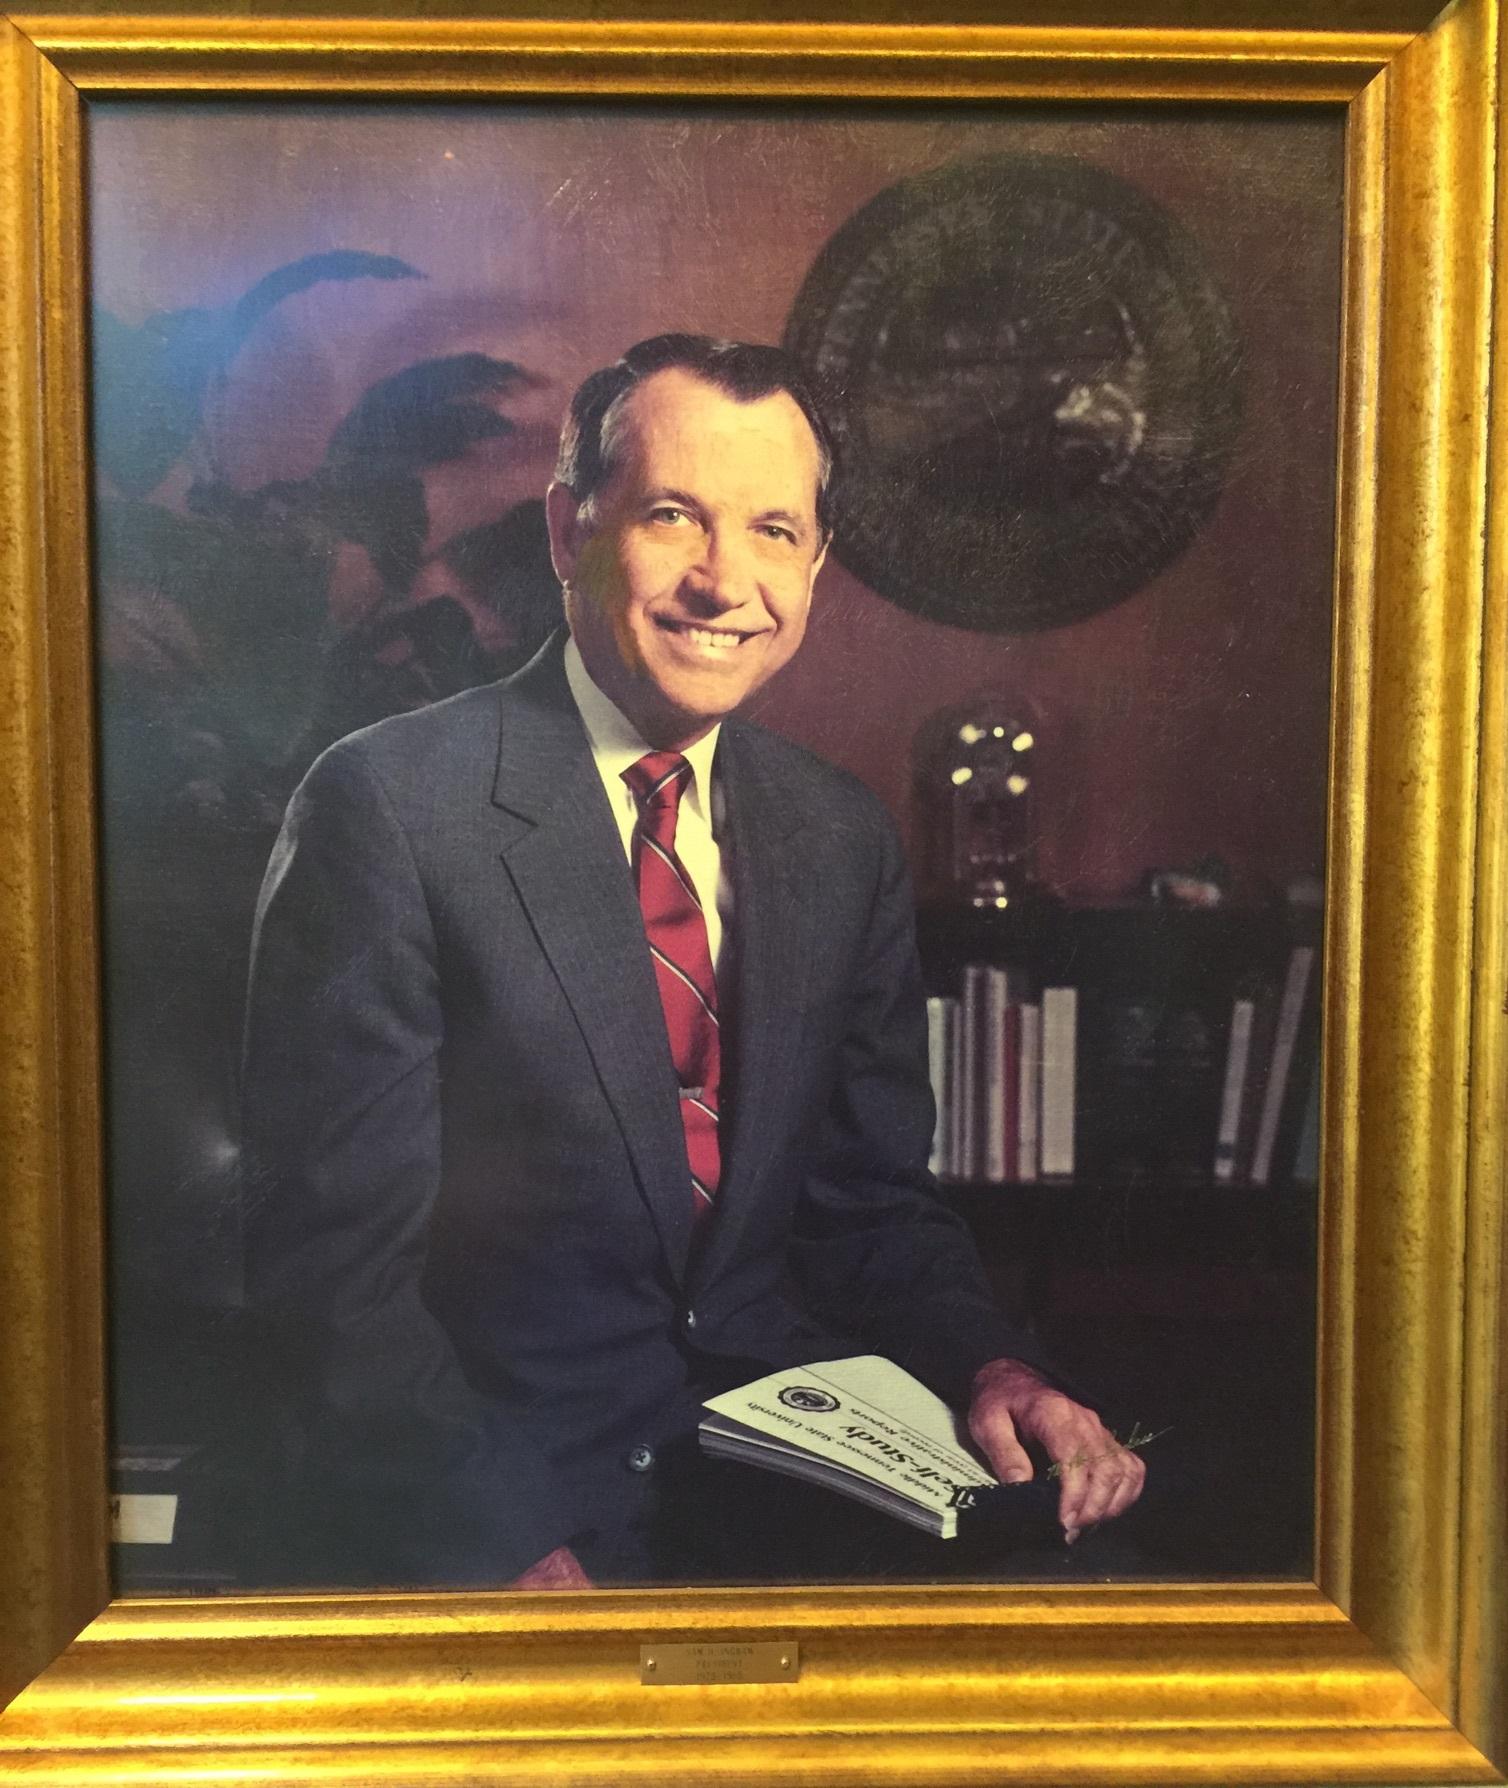 MTSU President Sam Ingram's official portrait